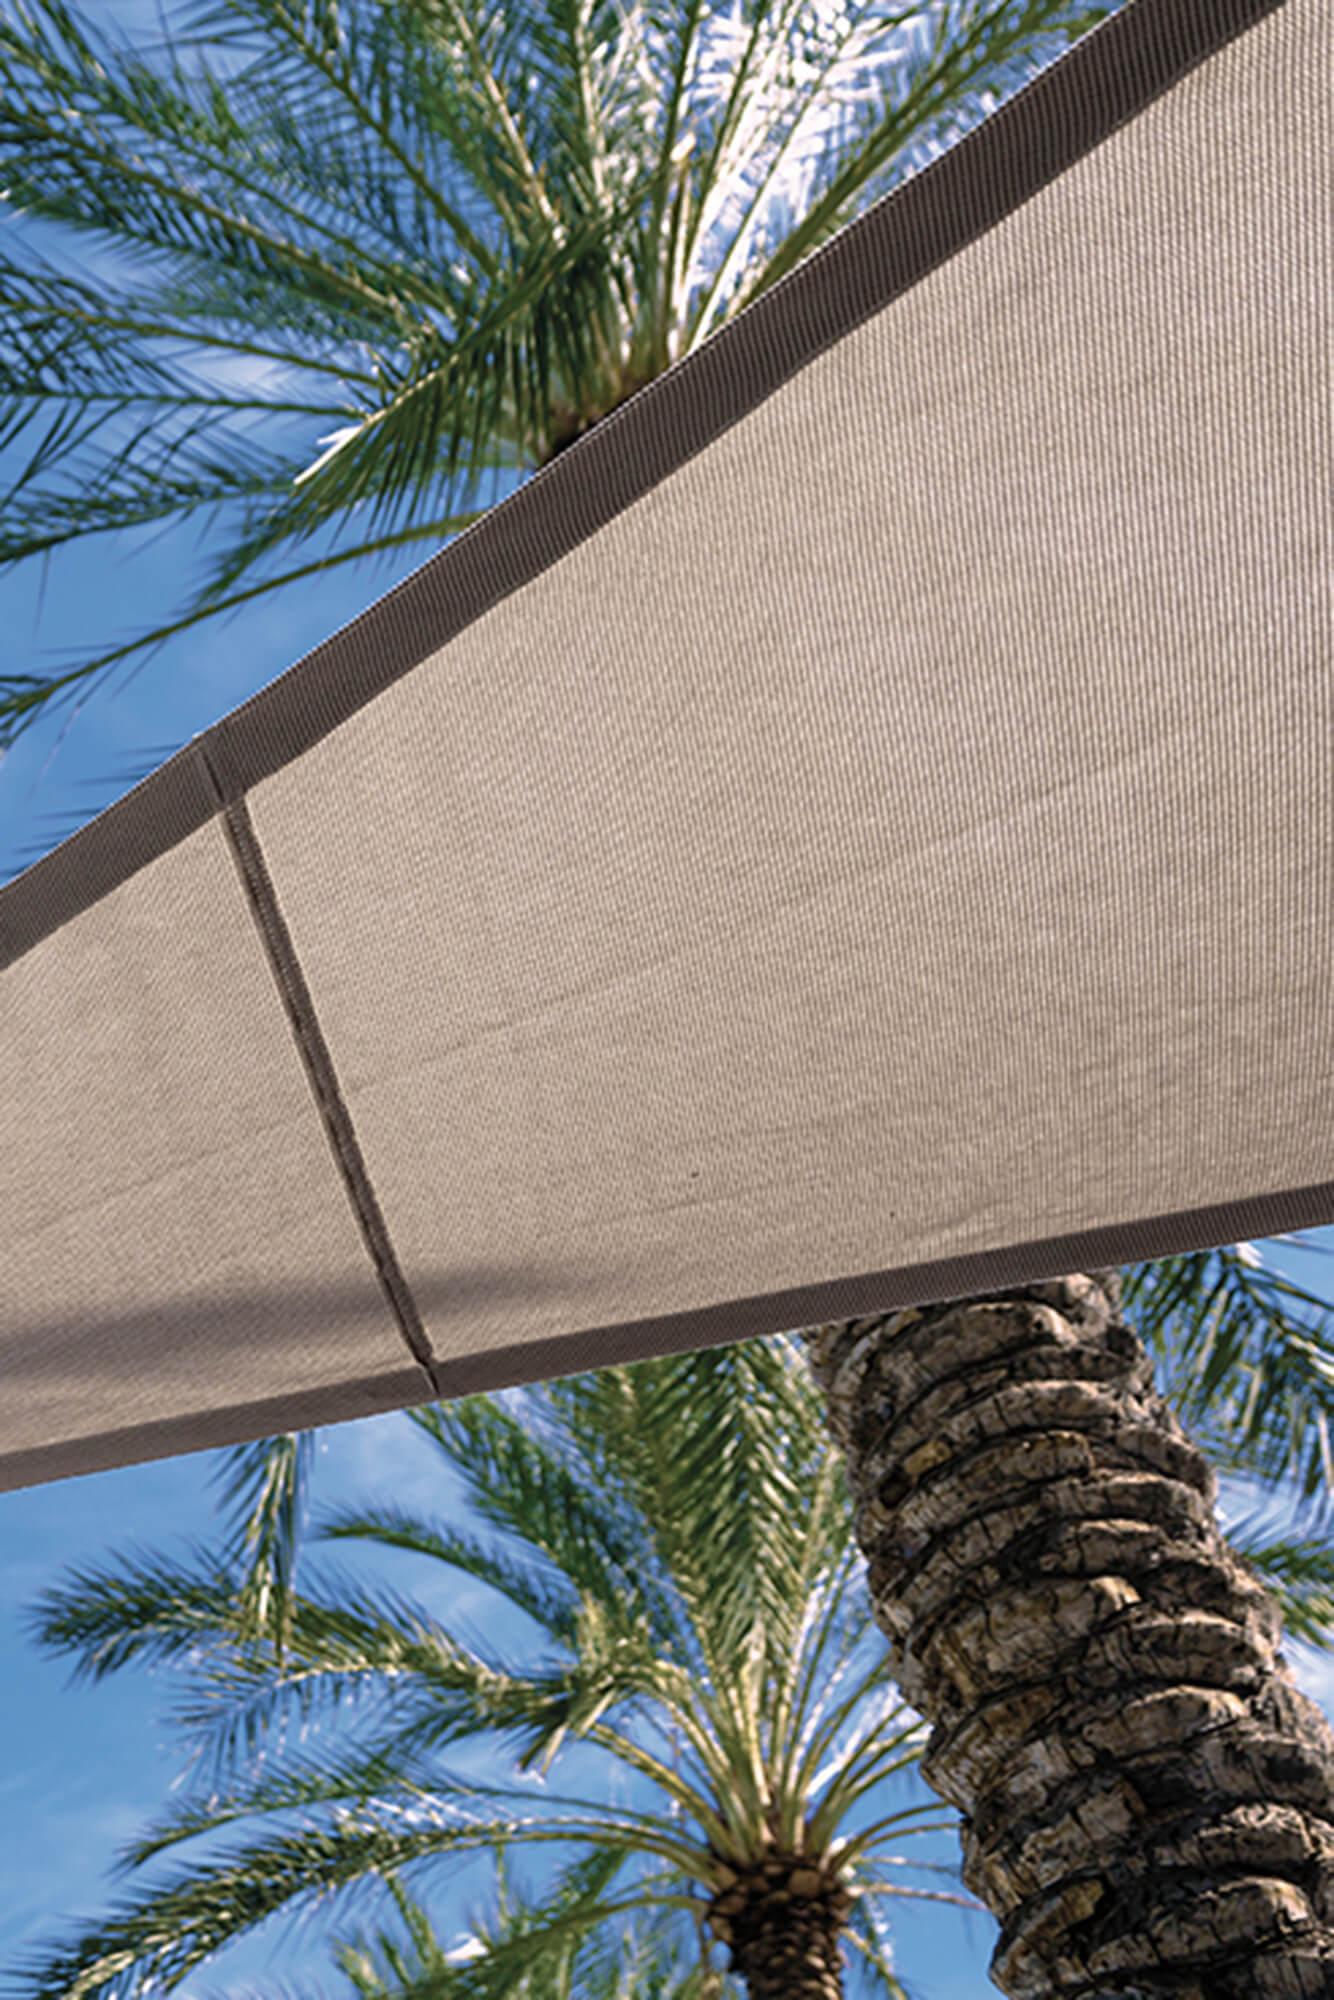 由 Sunbrella Contour 面料制成的米色窗帘帆底部详图。